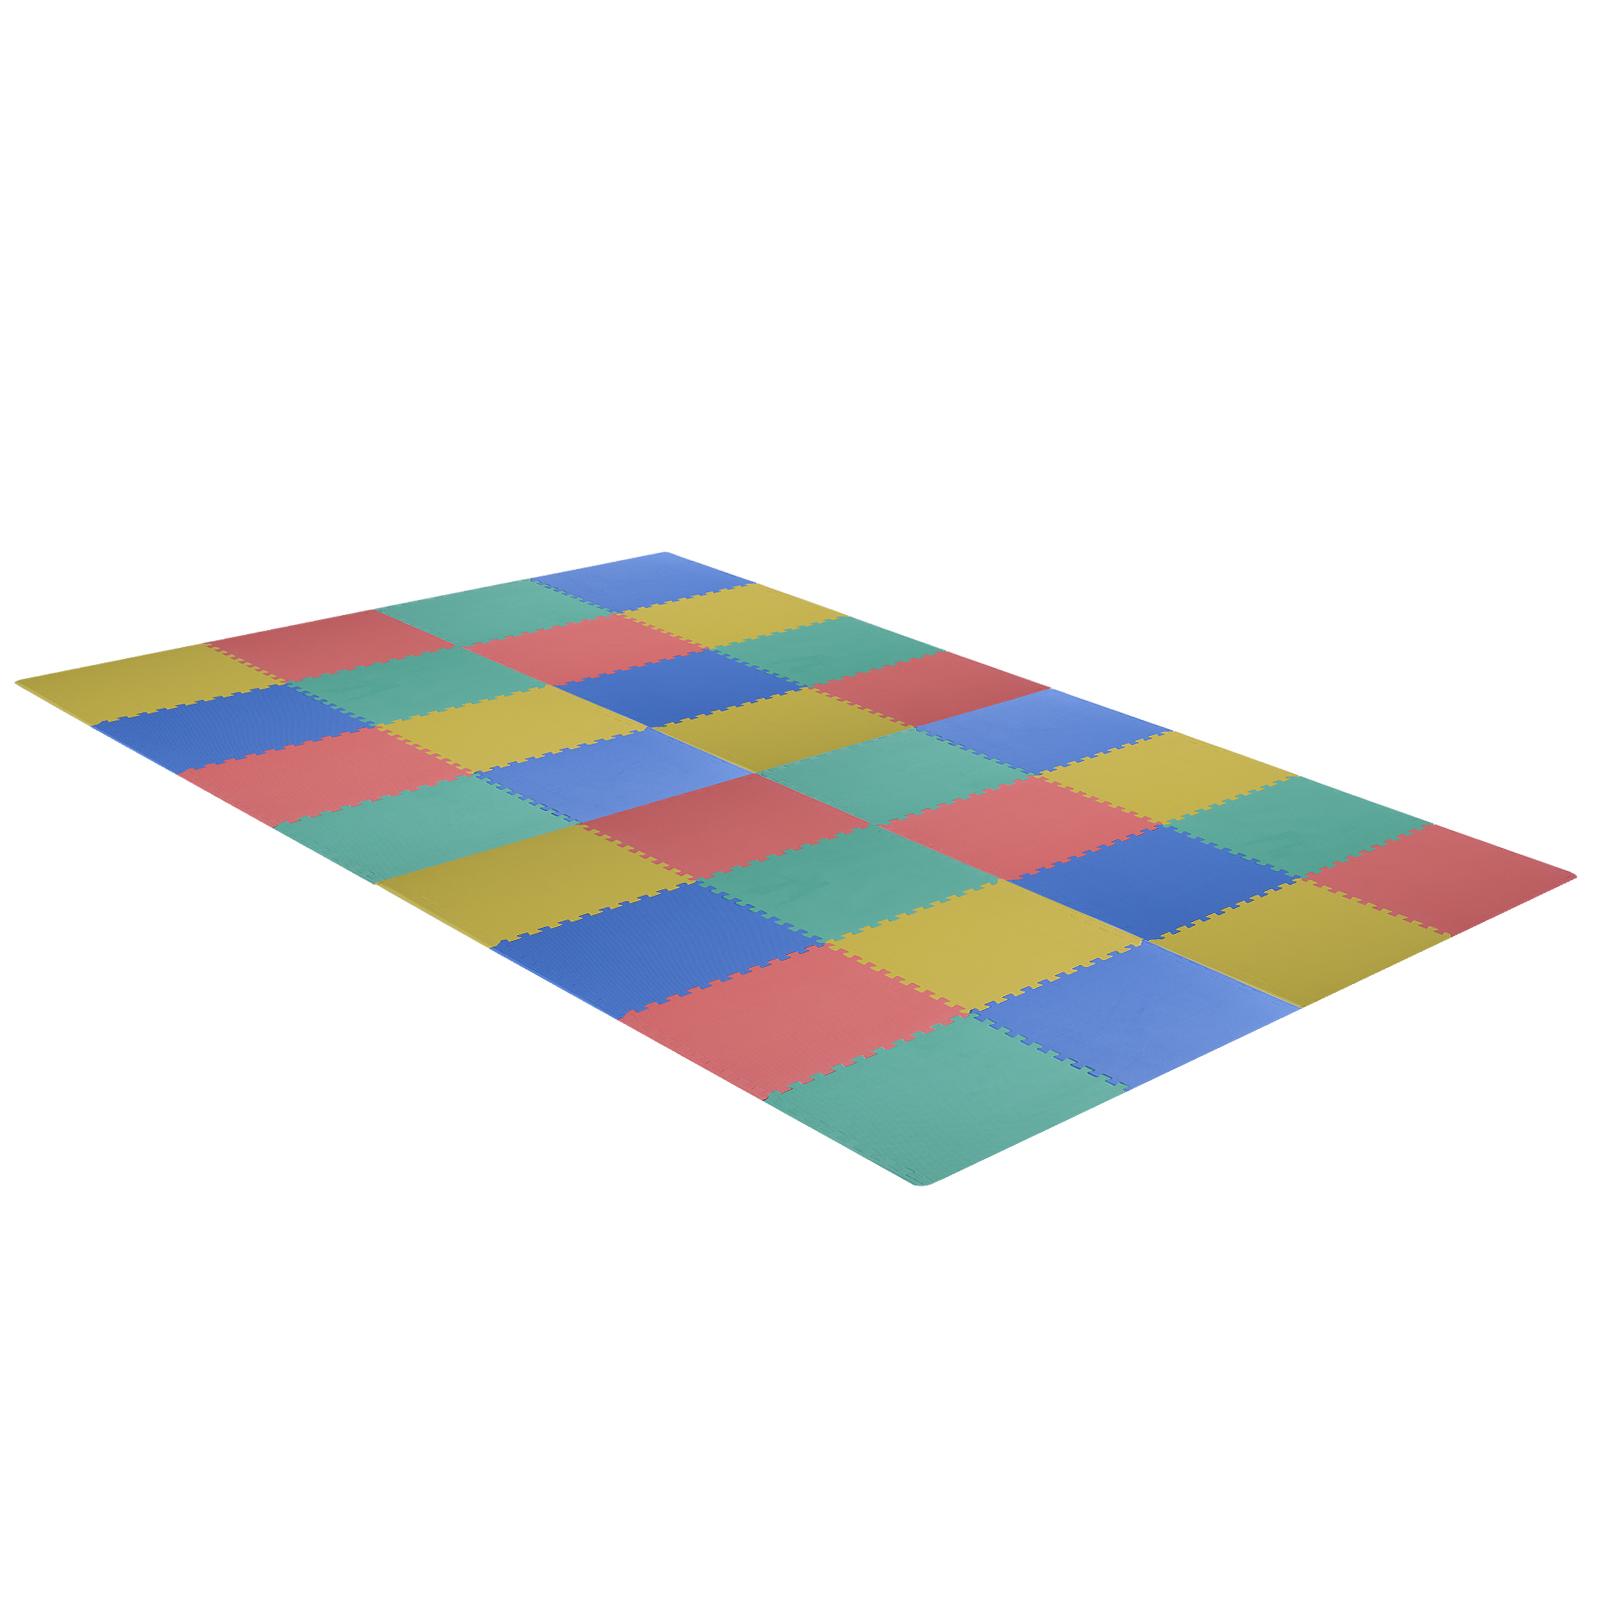 Homcom Covor Puzzle 32 Piese 63x63cm in EVA Moale Colorat imagine aosom.ro